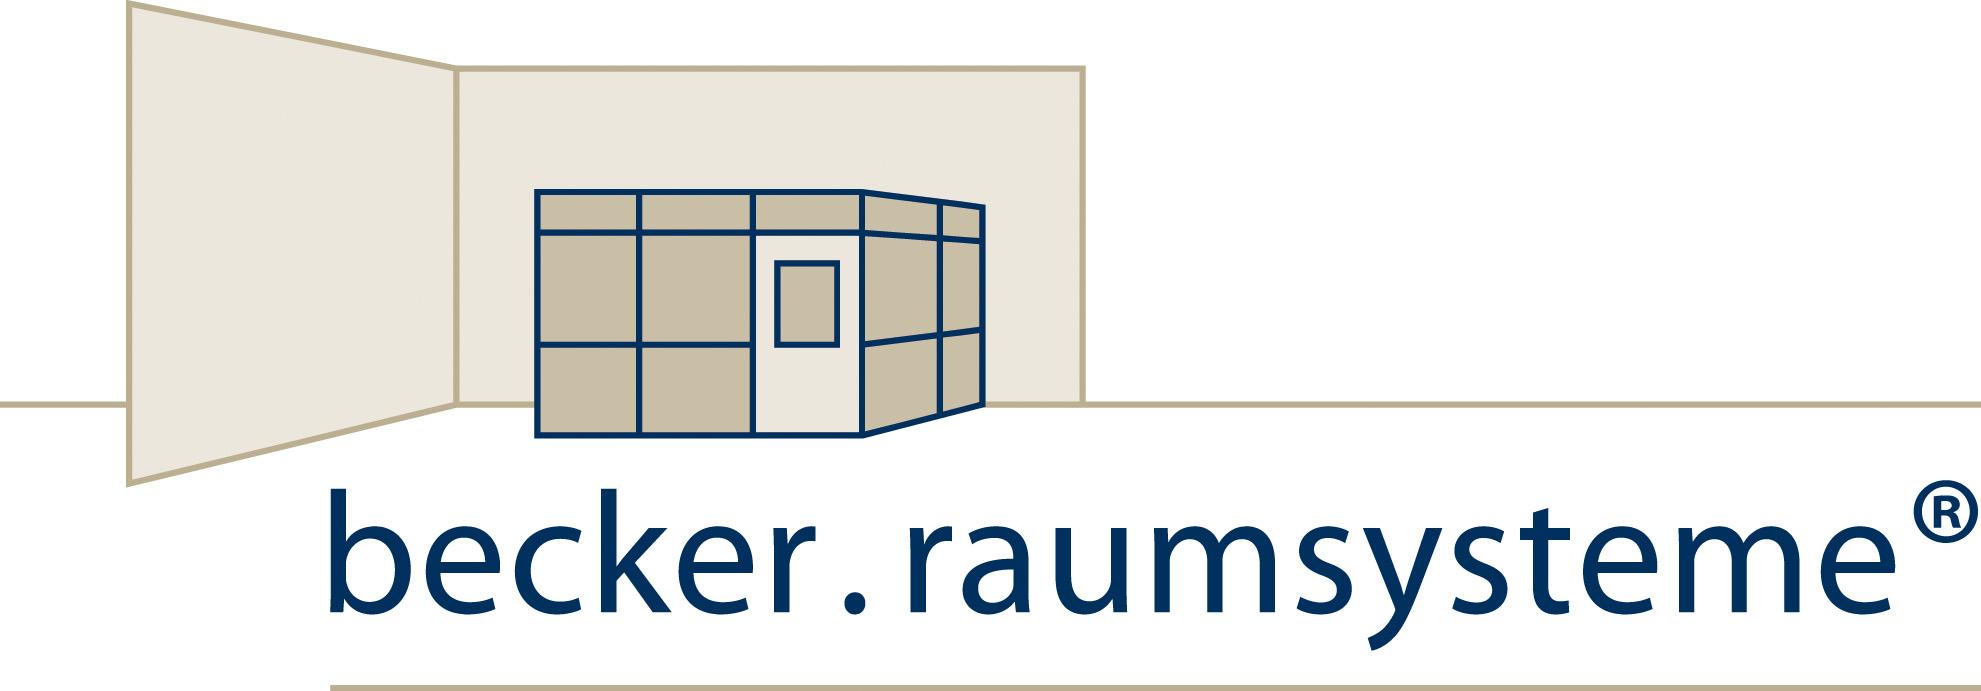 becker.raumsysteme GmbH